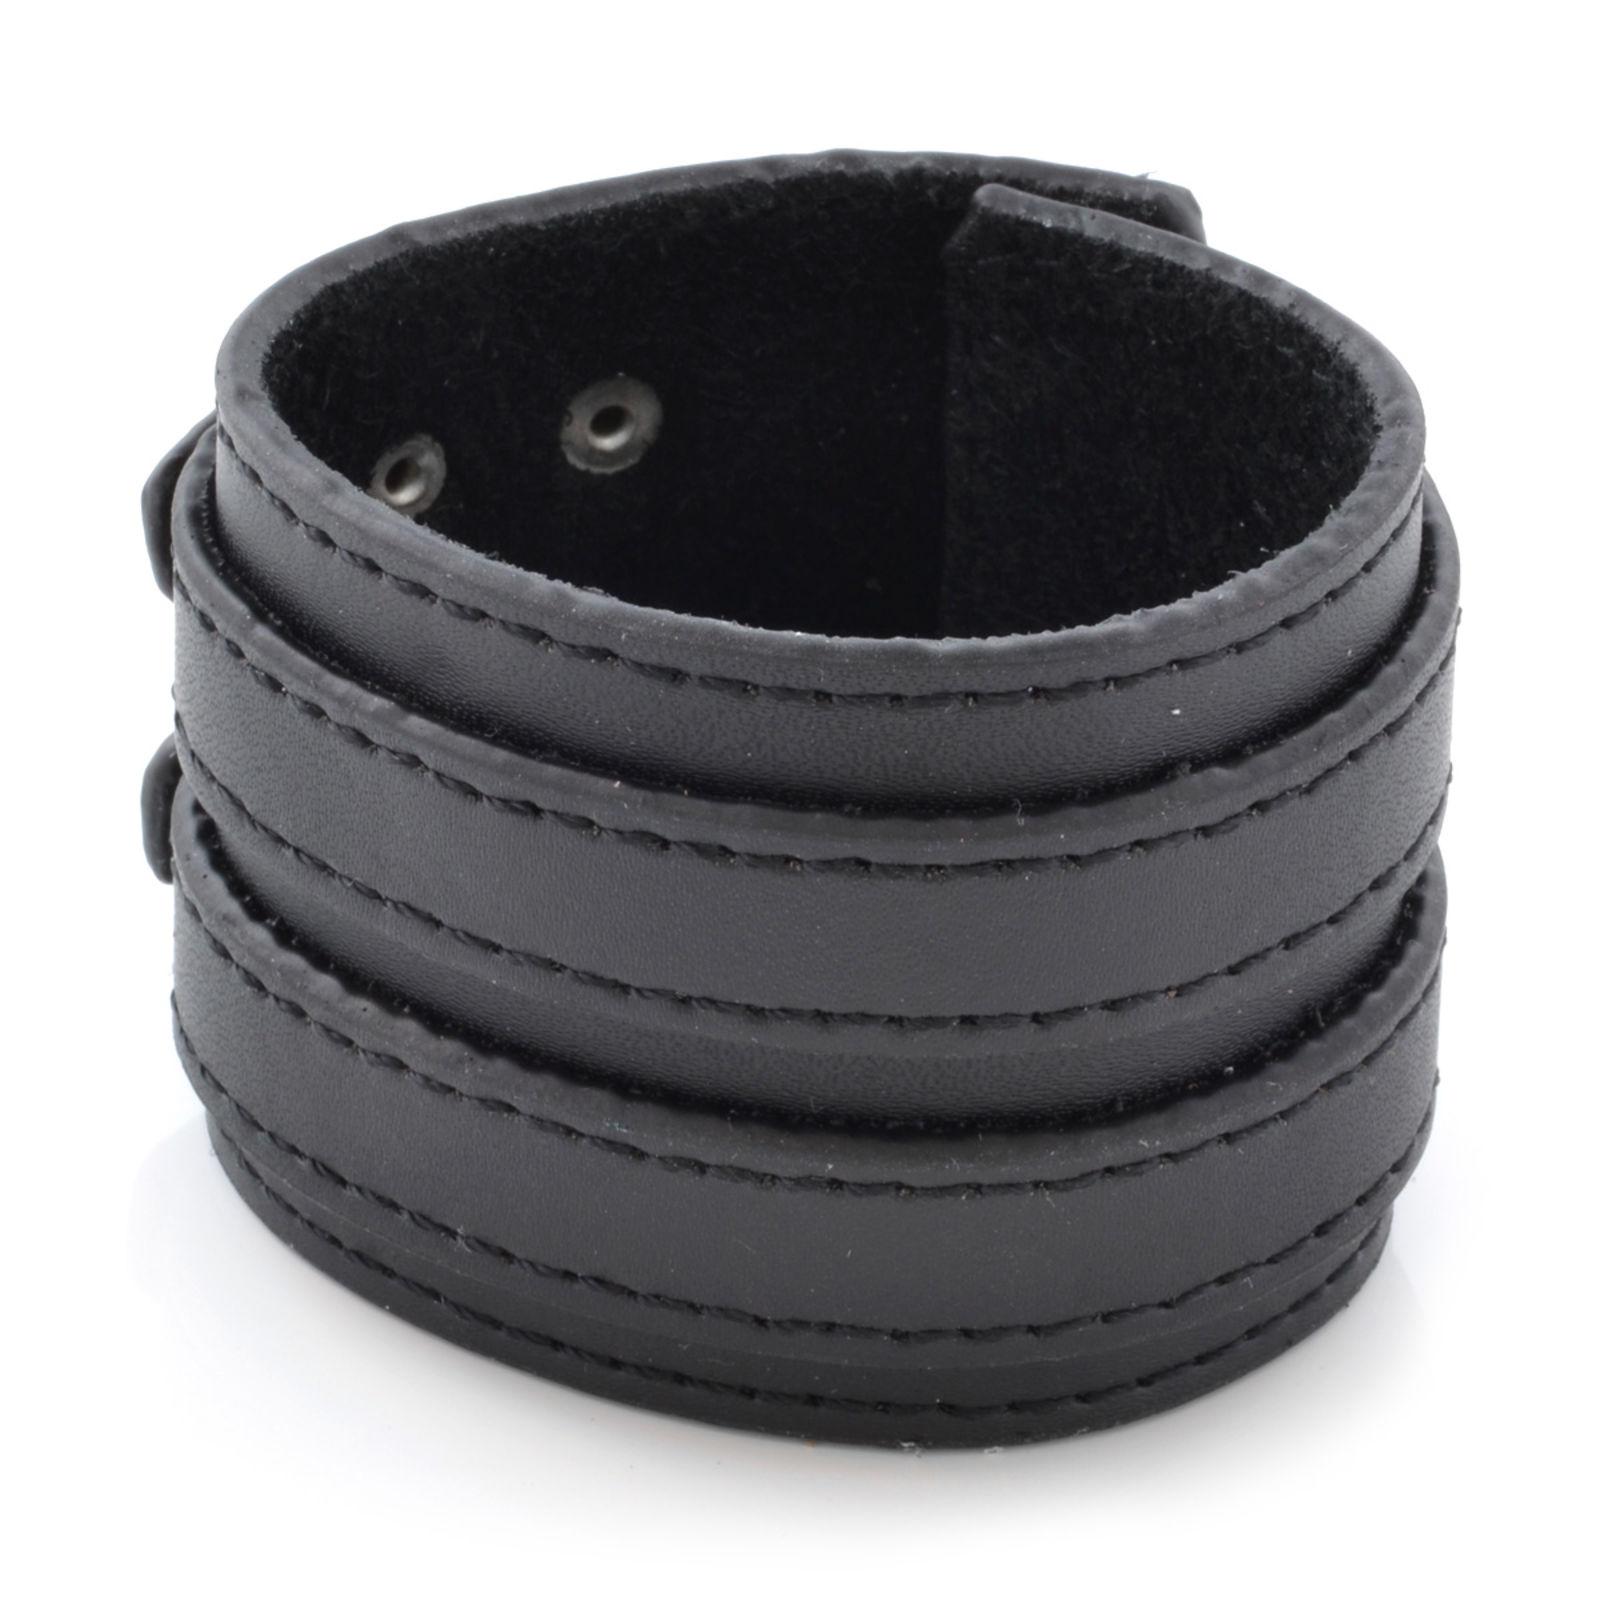 abe55c957c Fekete színű dupla csatos bőr karkötő | Készleten! | Collin Rowe